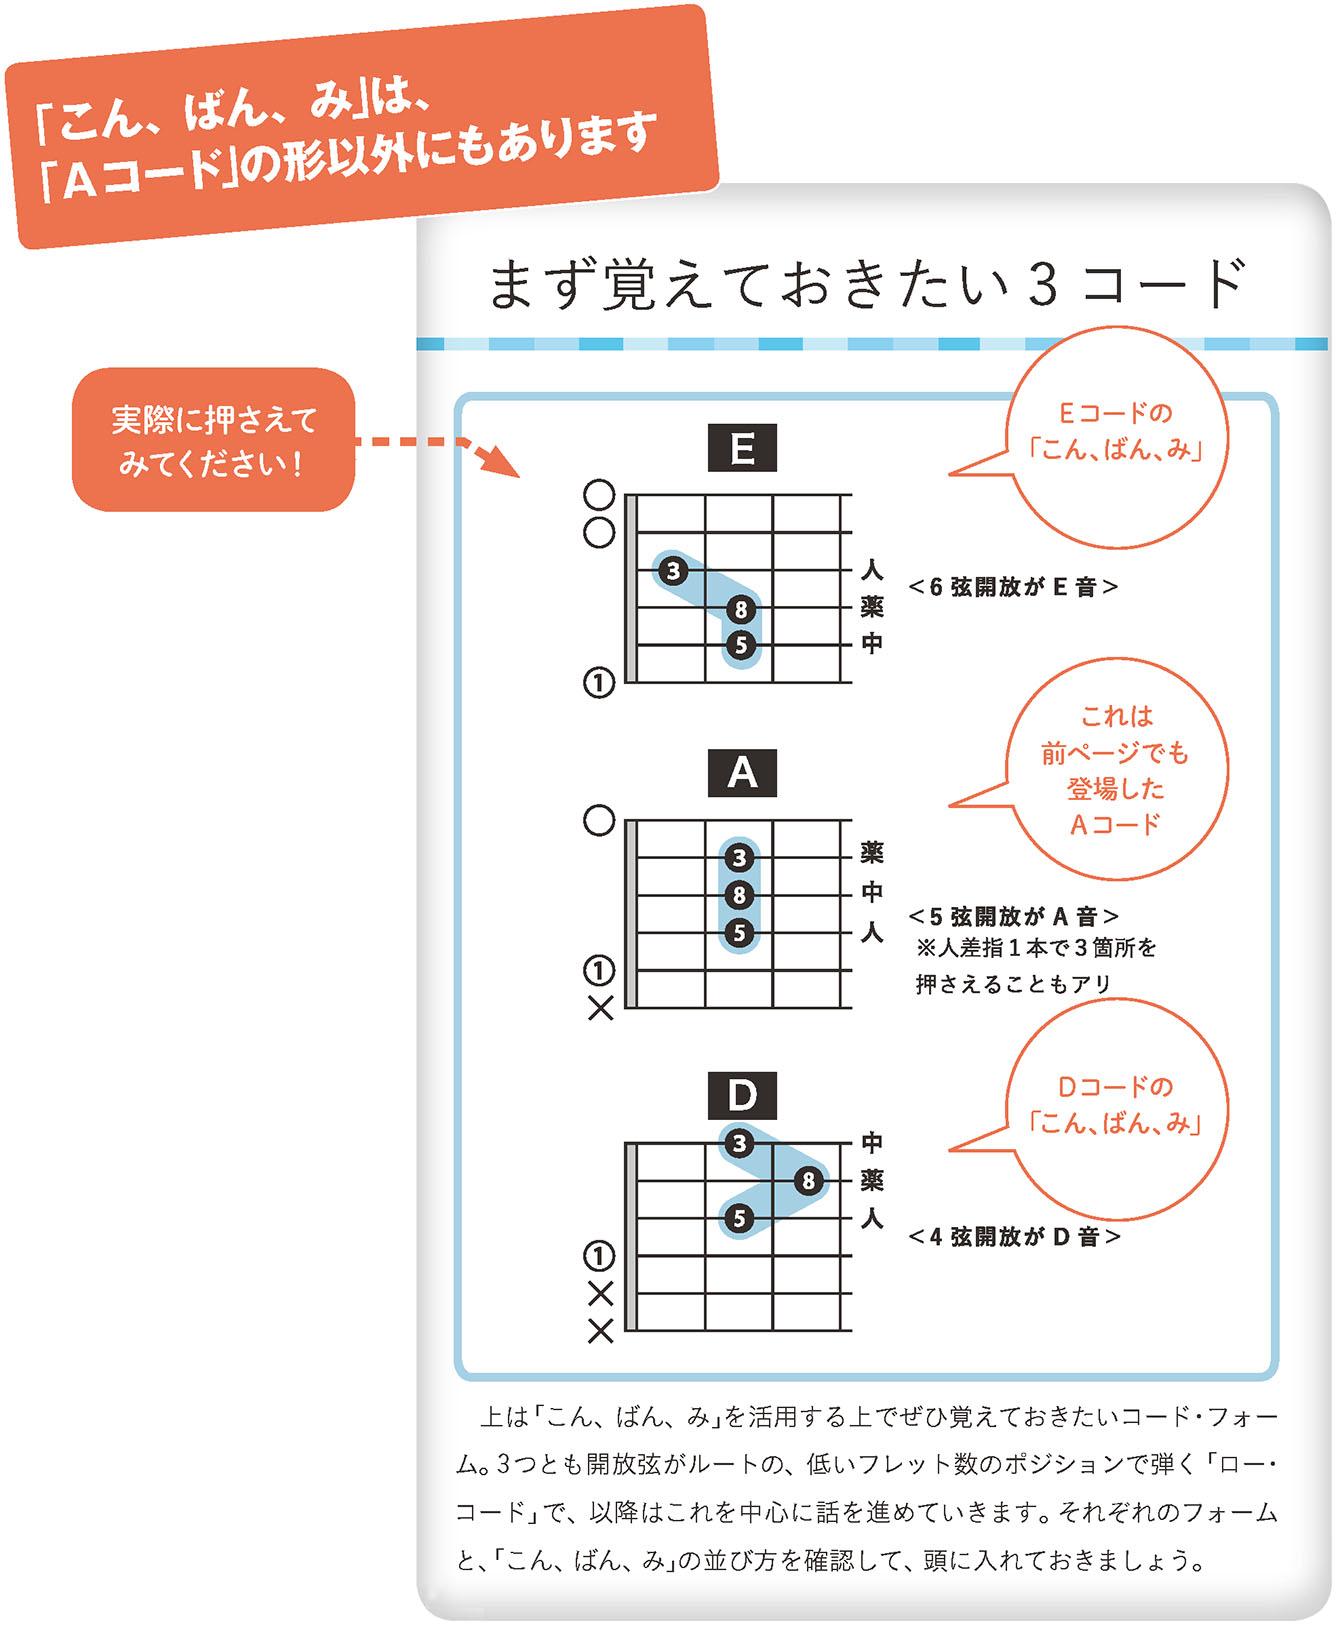 http://musicschool-navi.jp/columns/keion_gt_02.jpg